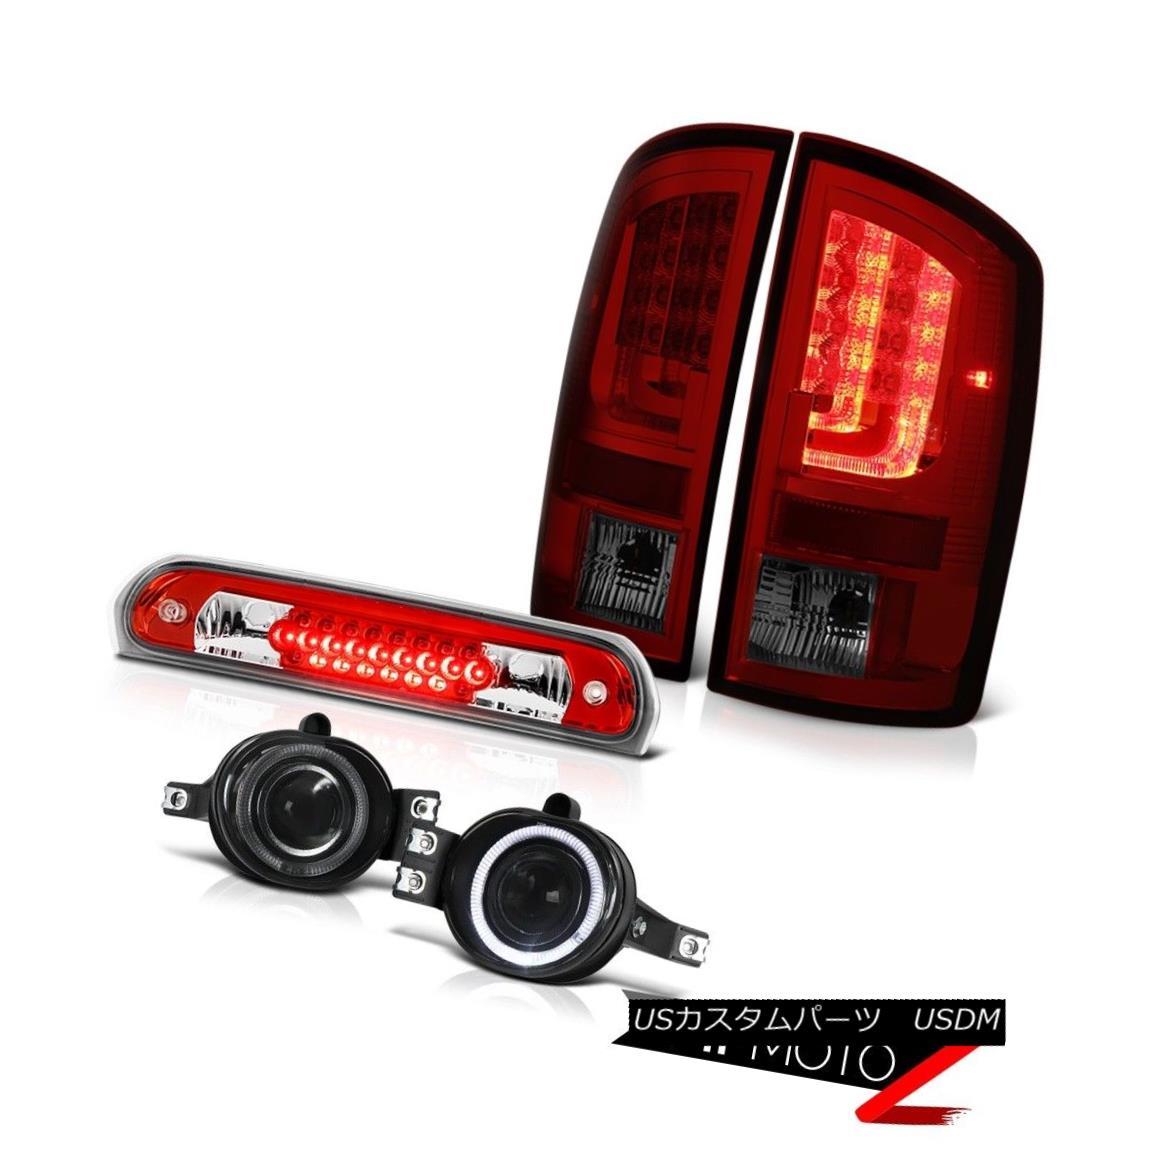 テールライト 02-06 Dodge Ram 1500 2500 WS Taillamps Smoked Fog Lights Roof Brake Light LED 02-06 Dodge Ram 1500 2500 WSタイルランプスモークフォグライトルーフブレーキライトLED